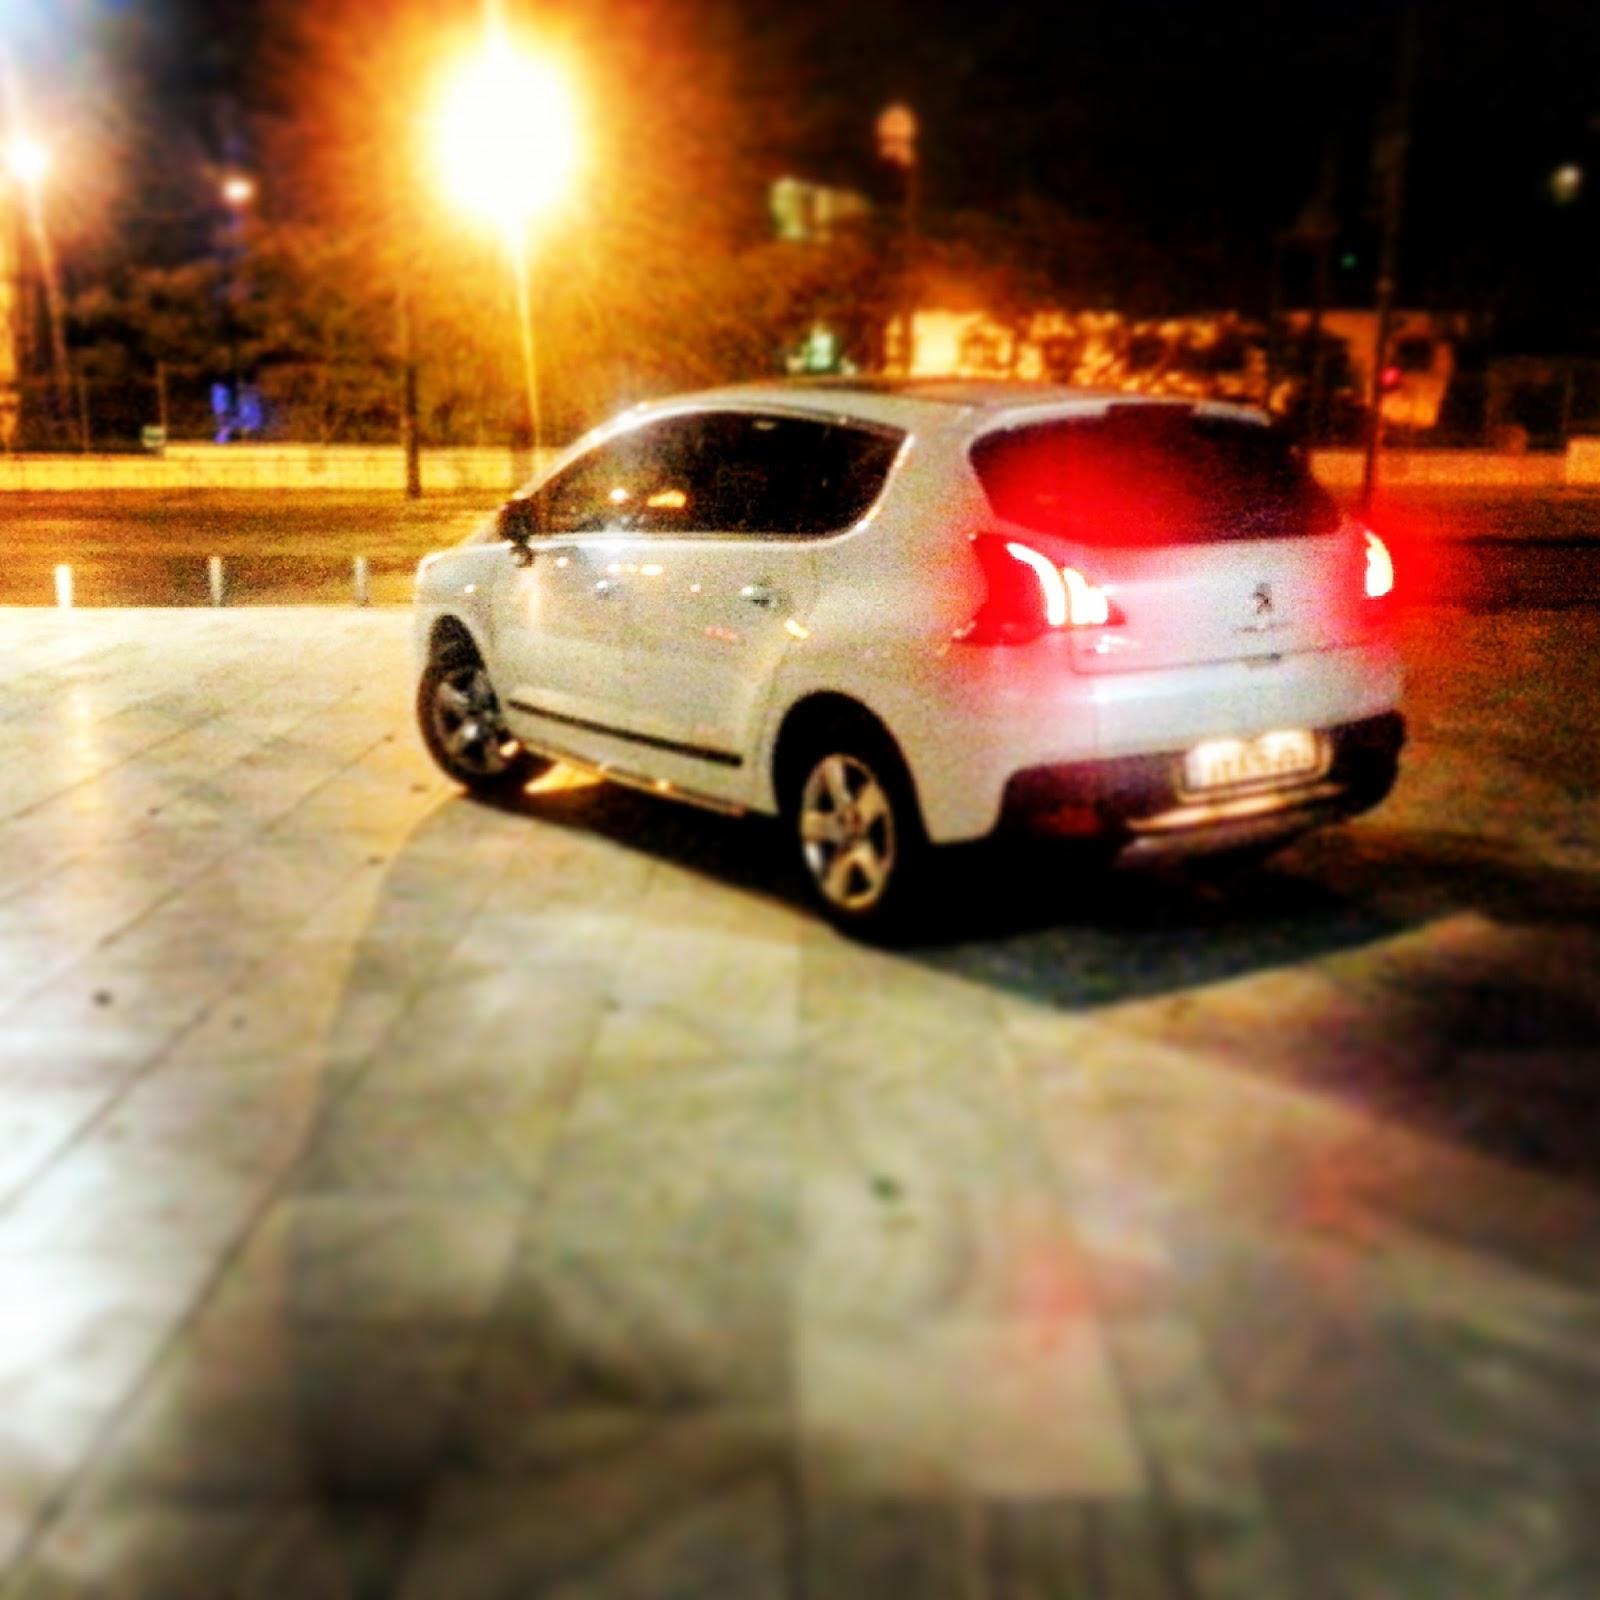 3008tsnight Γιατί το Peugeot 3008 είναι σαν τον σούπερμαν